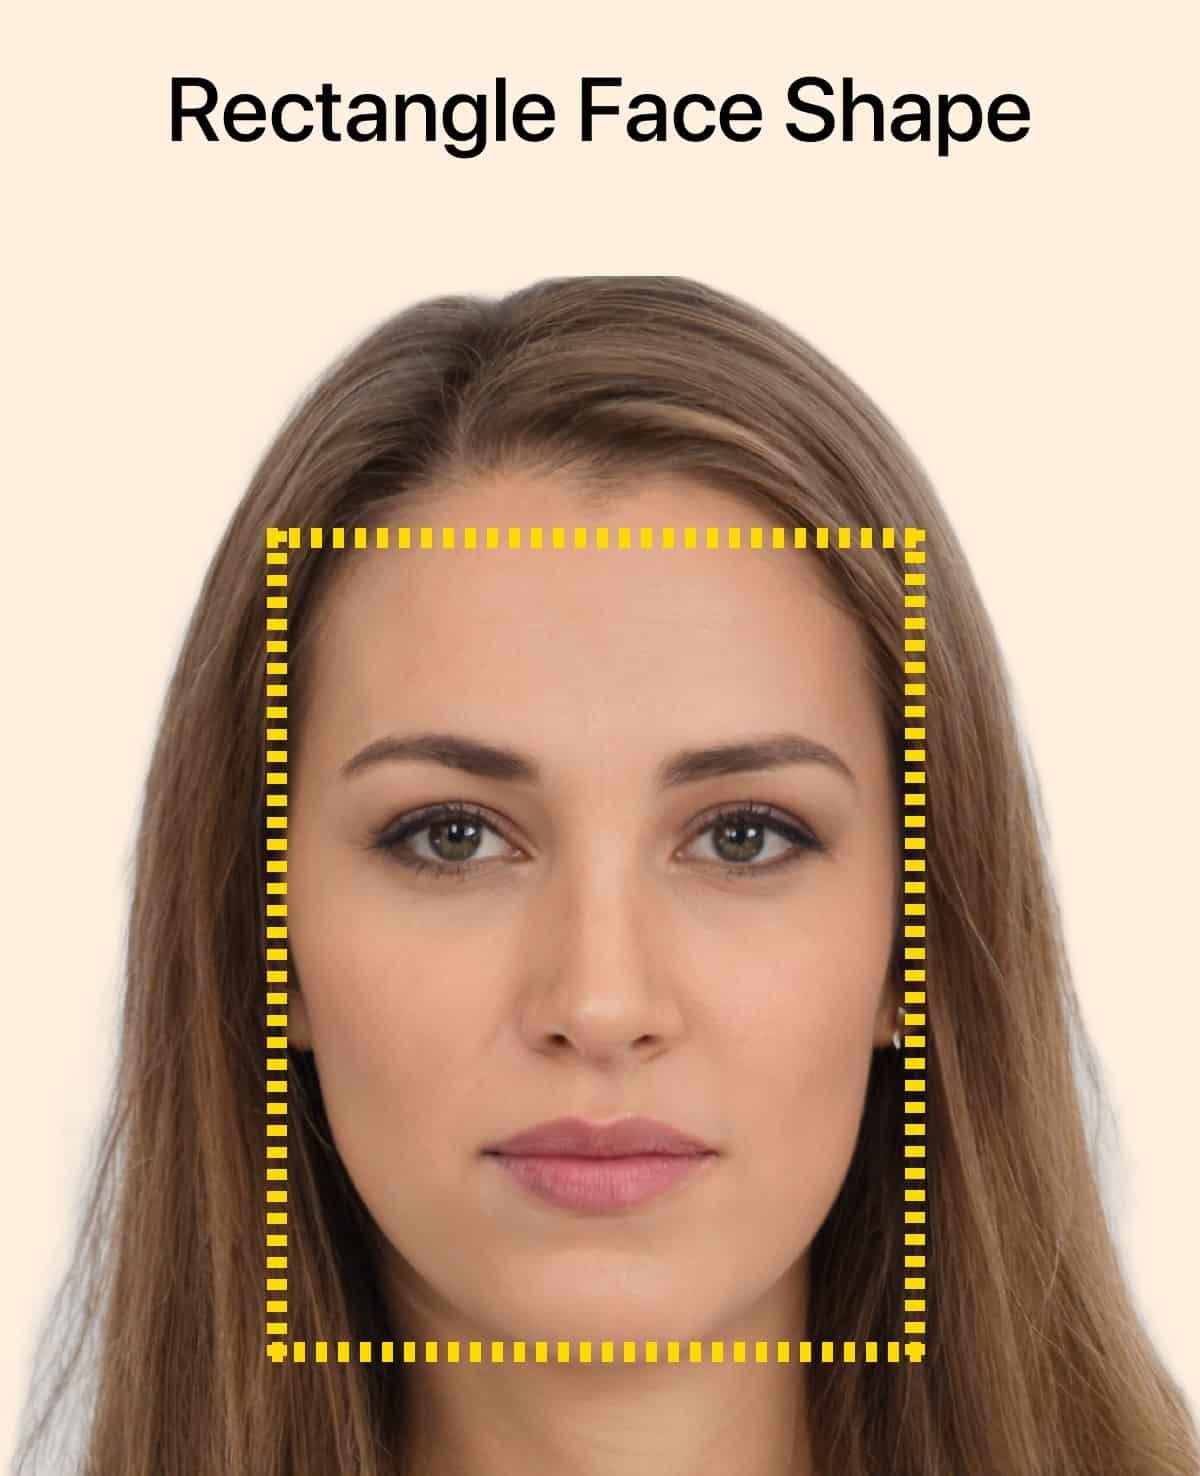 Forme de visage rectangulaire